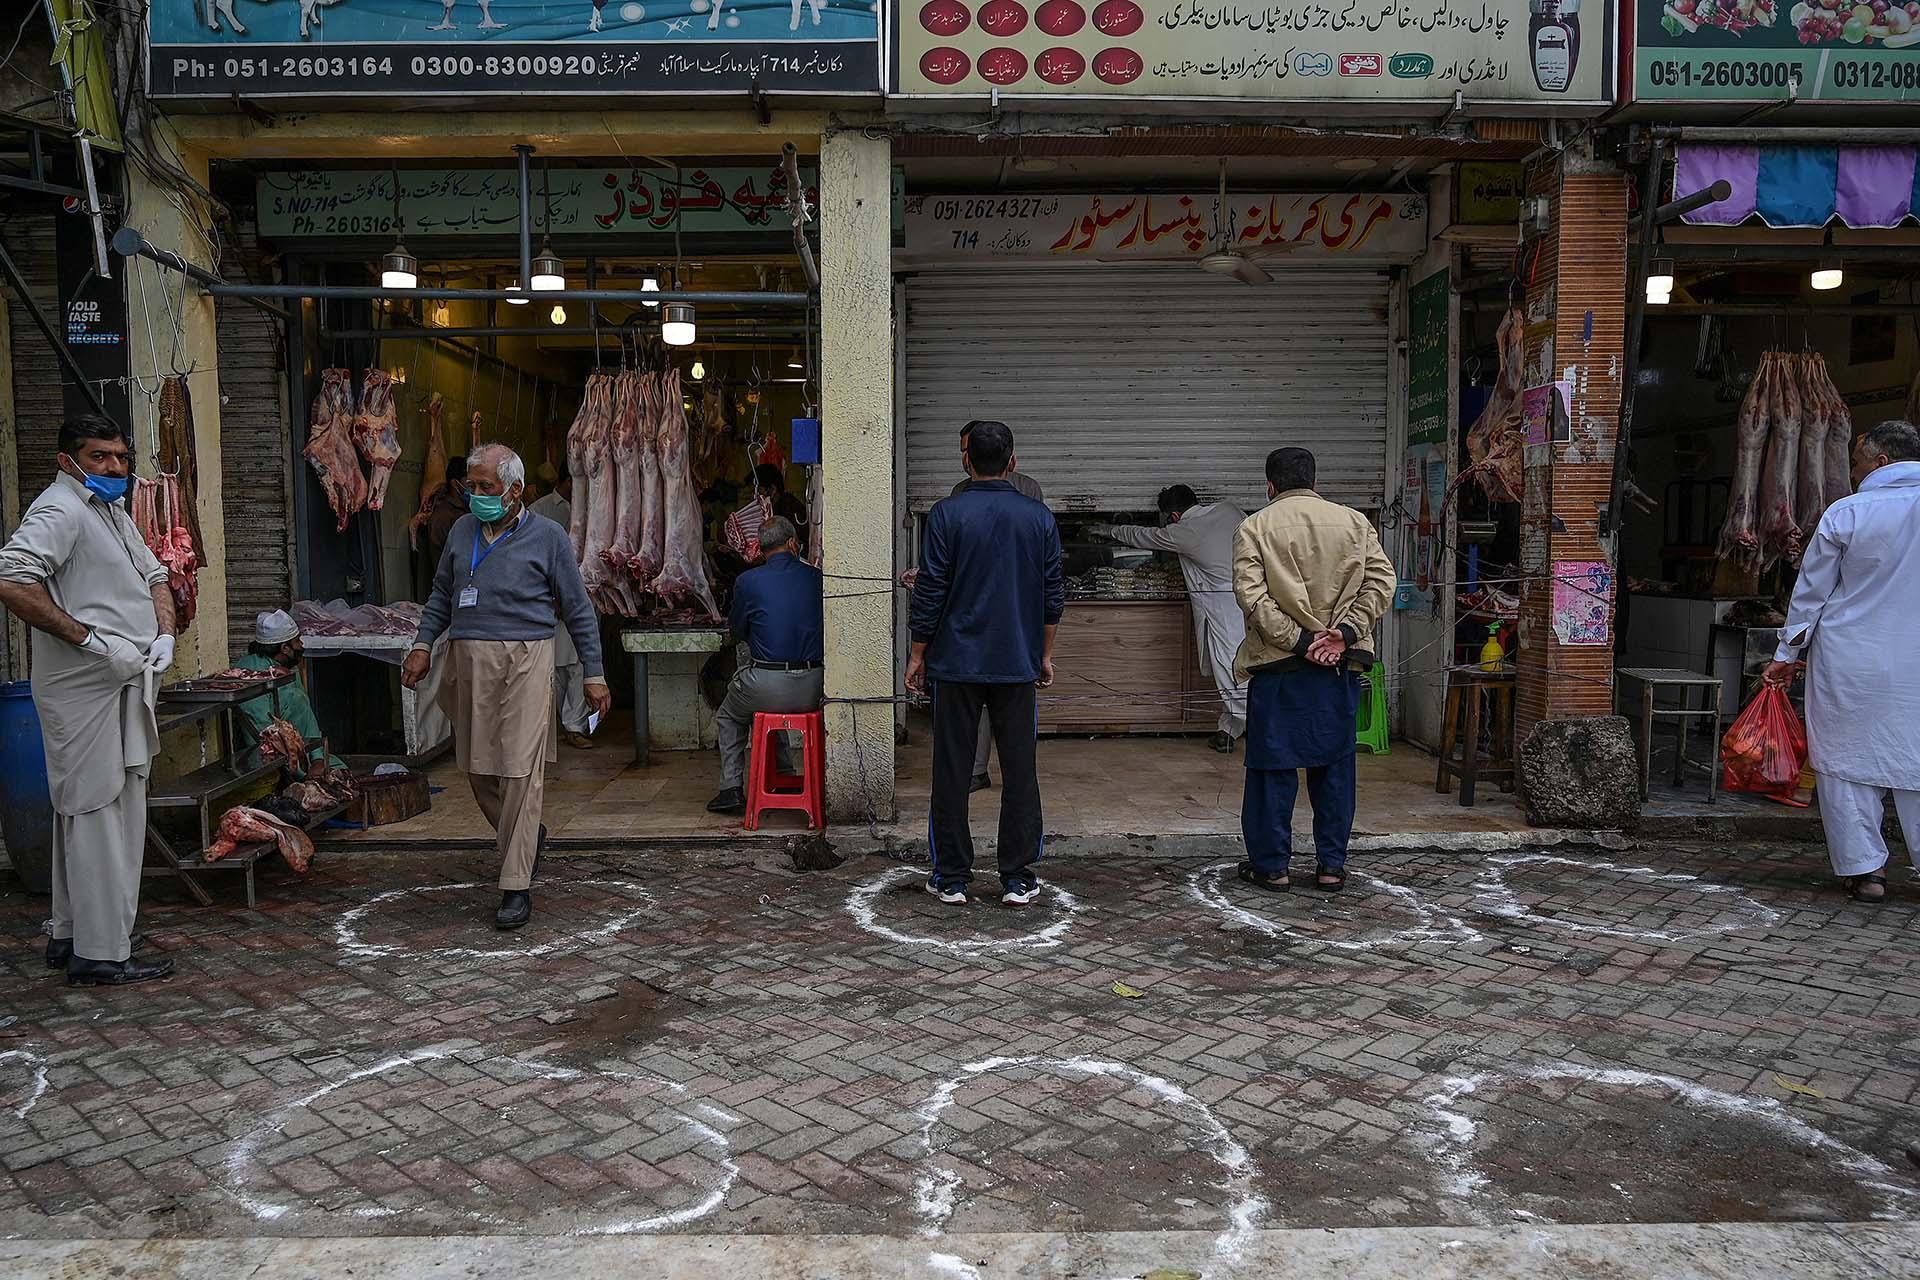 Clientes esperan su turno frente a una canicería en Islamabad, Pakistán.